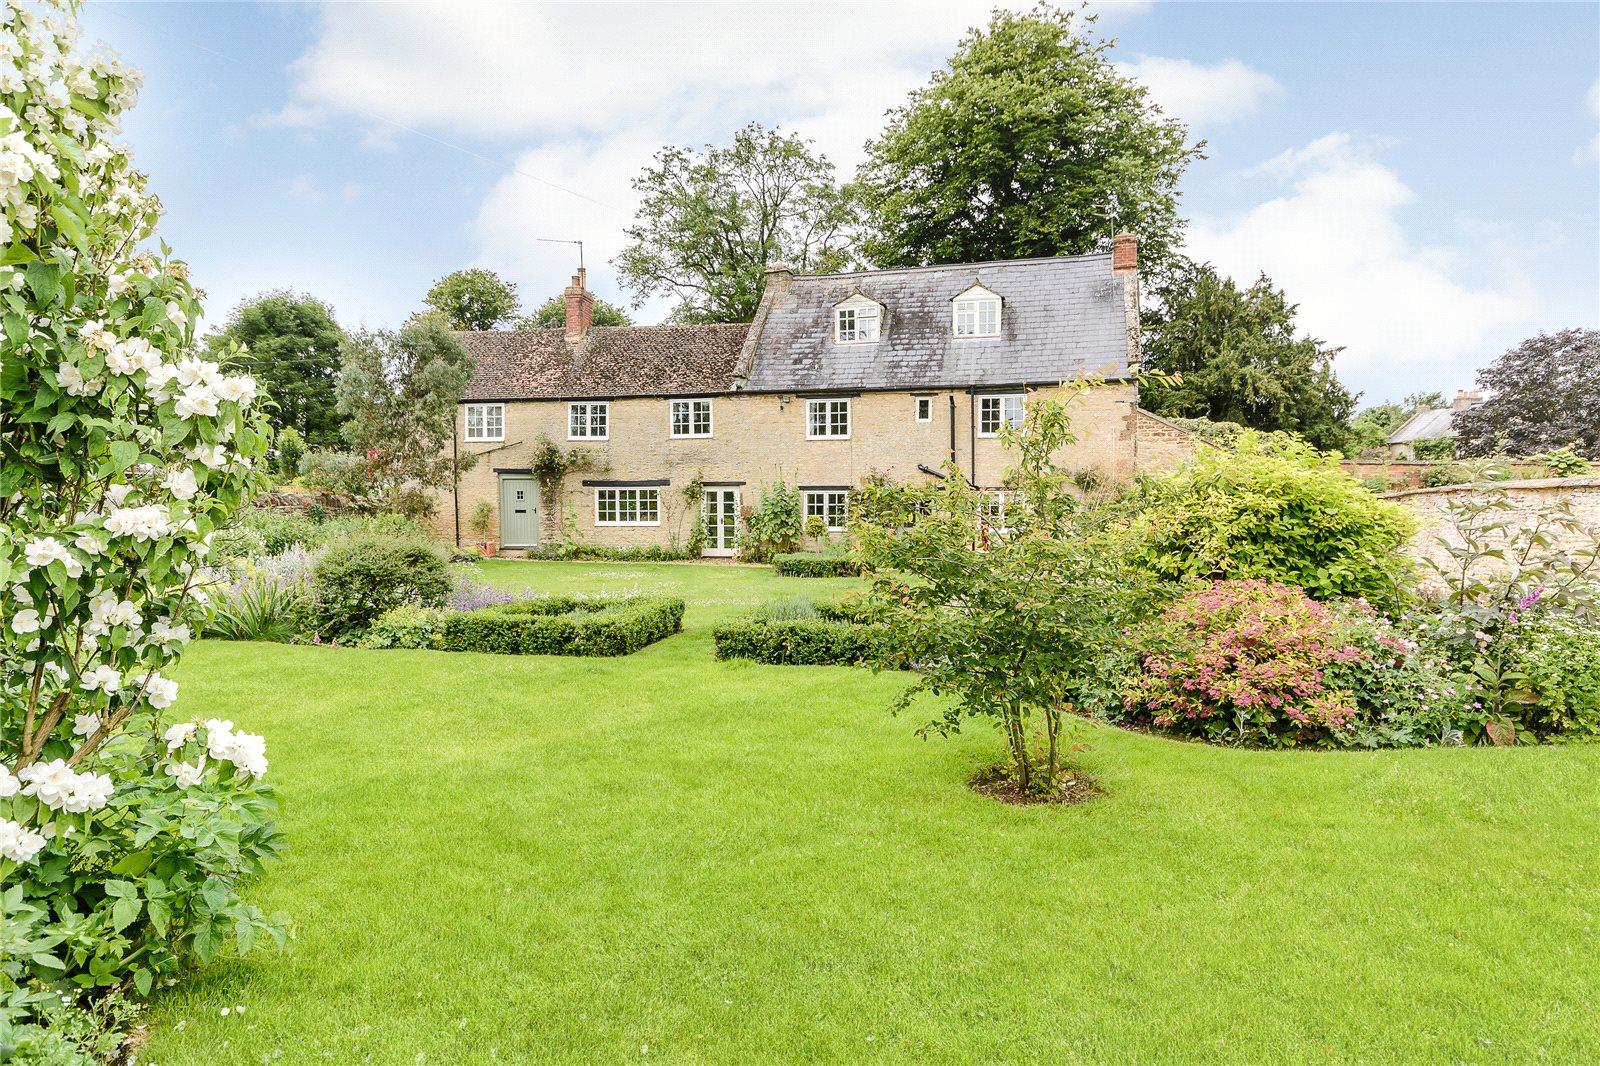 一戸建て のために 売買 アット Old Lane, Farthinghoe, Brackley, NN13 Brackley, イギリス